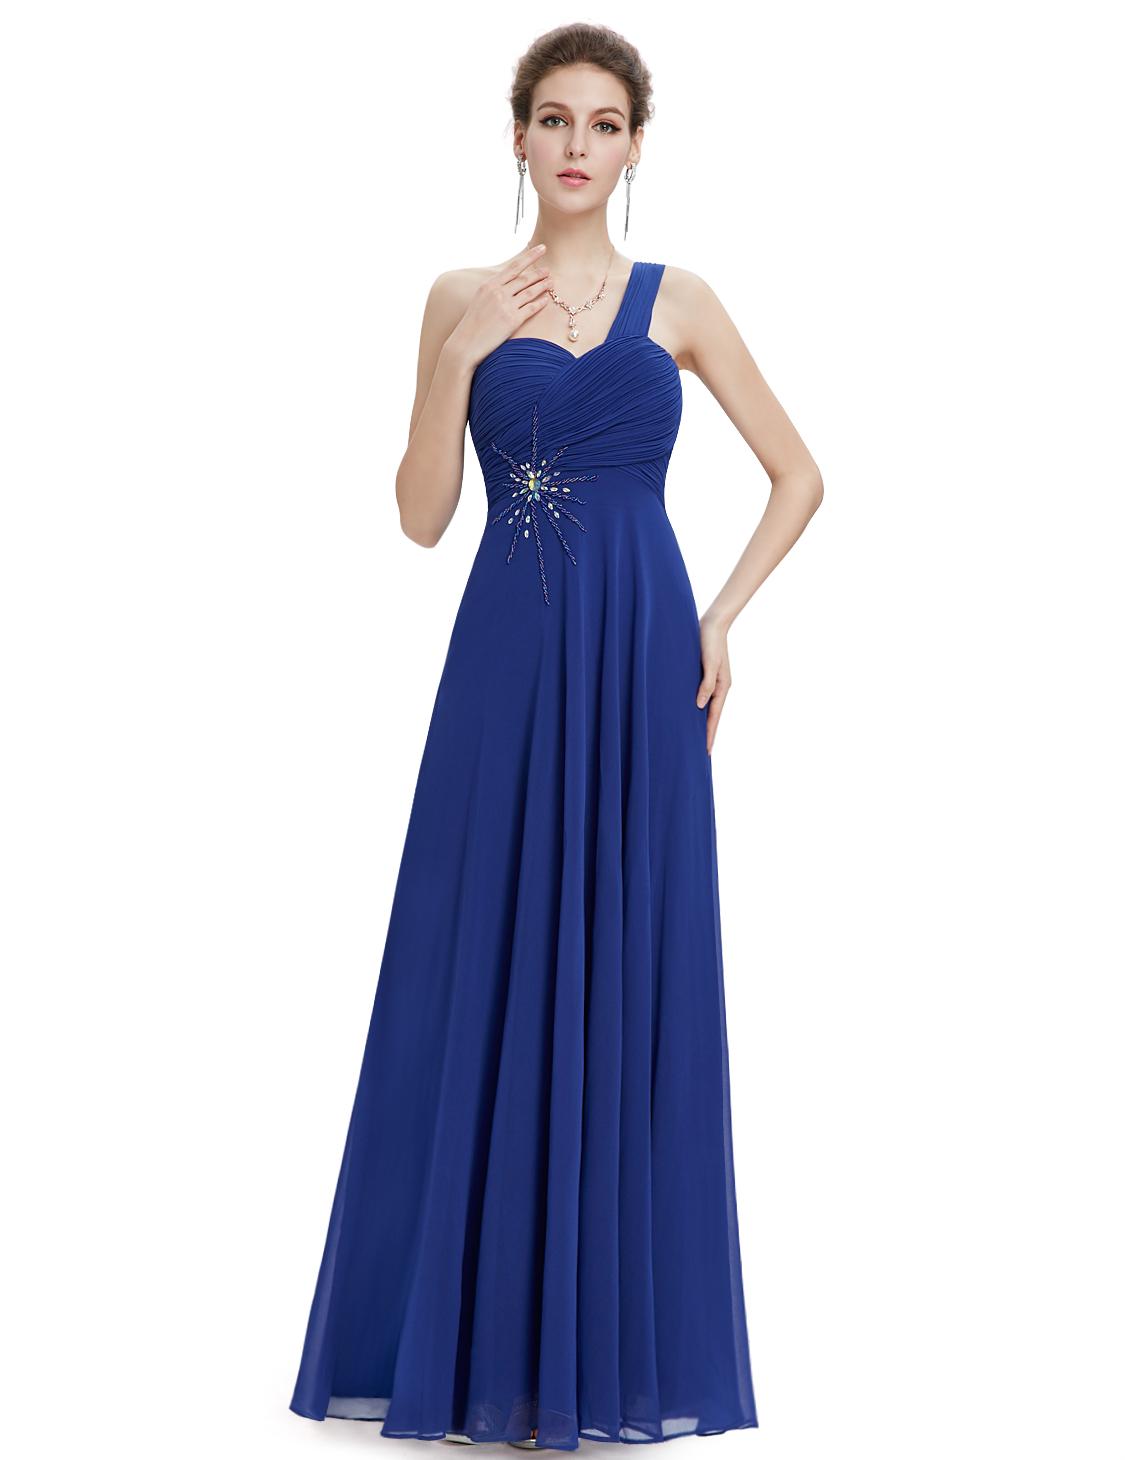 Plesové a společenské šaty Ever Pretty modrá (Dámské šaty)